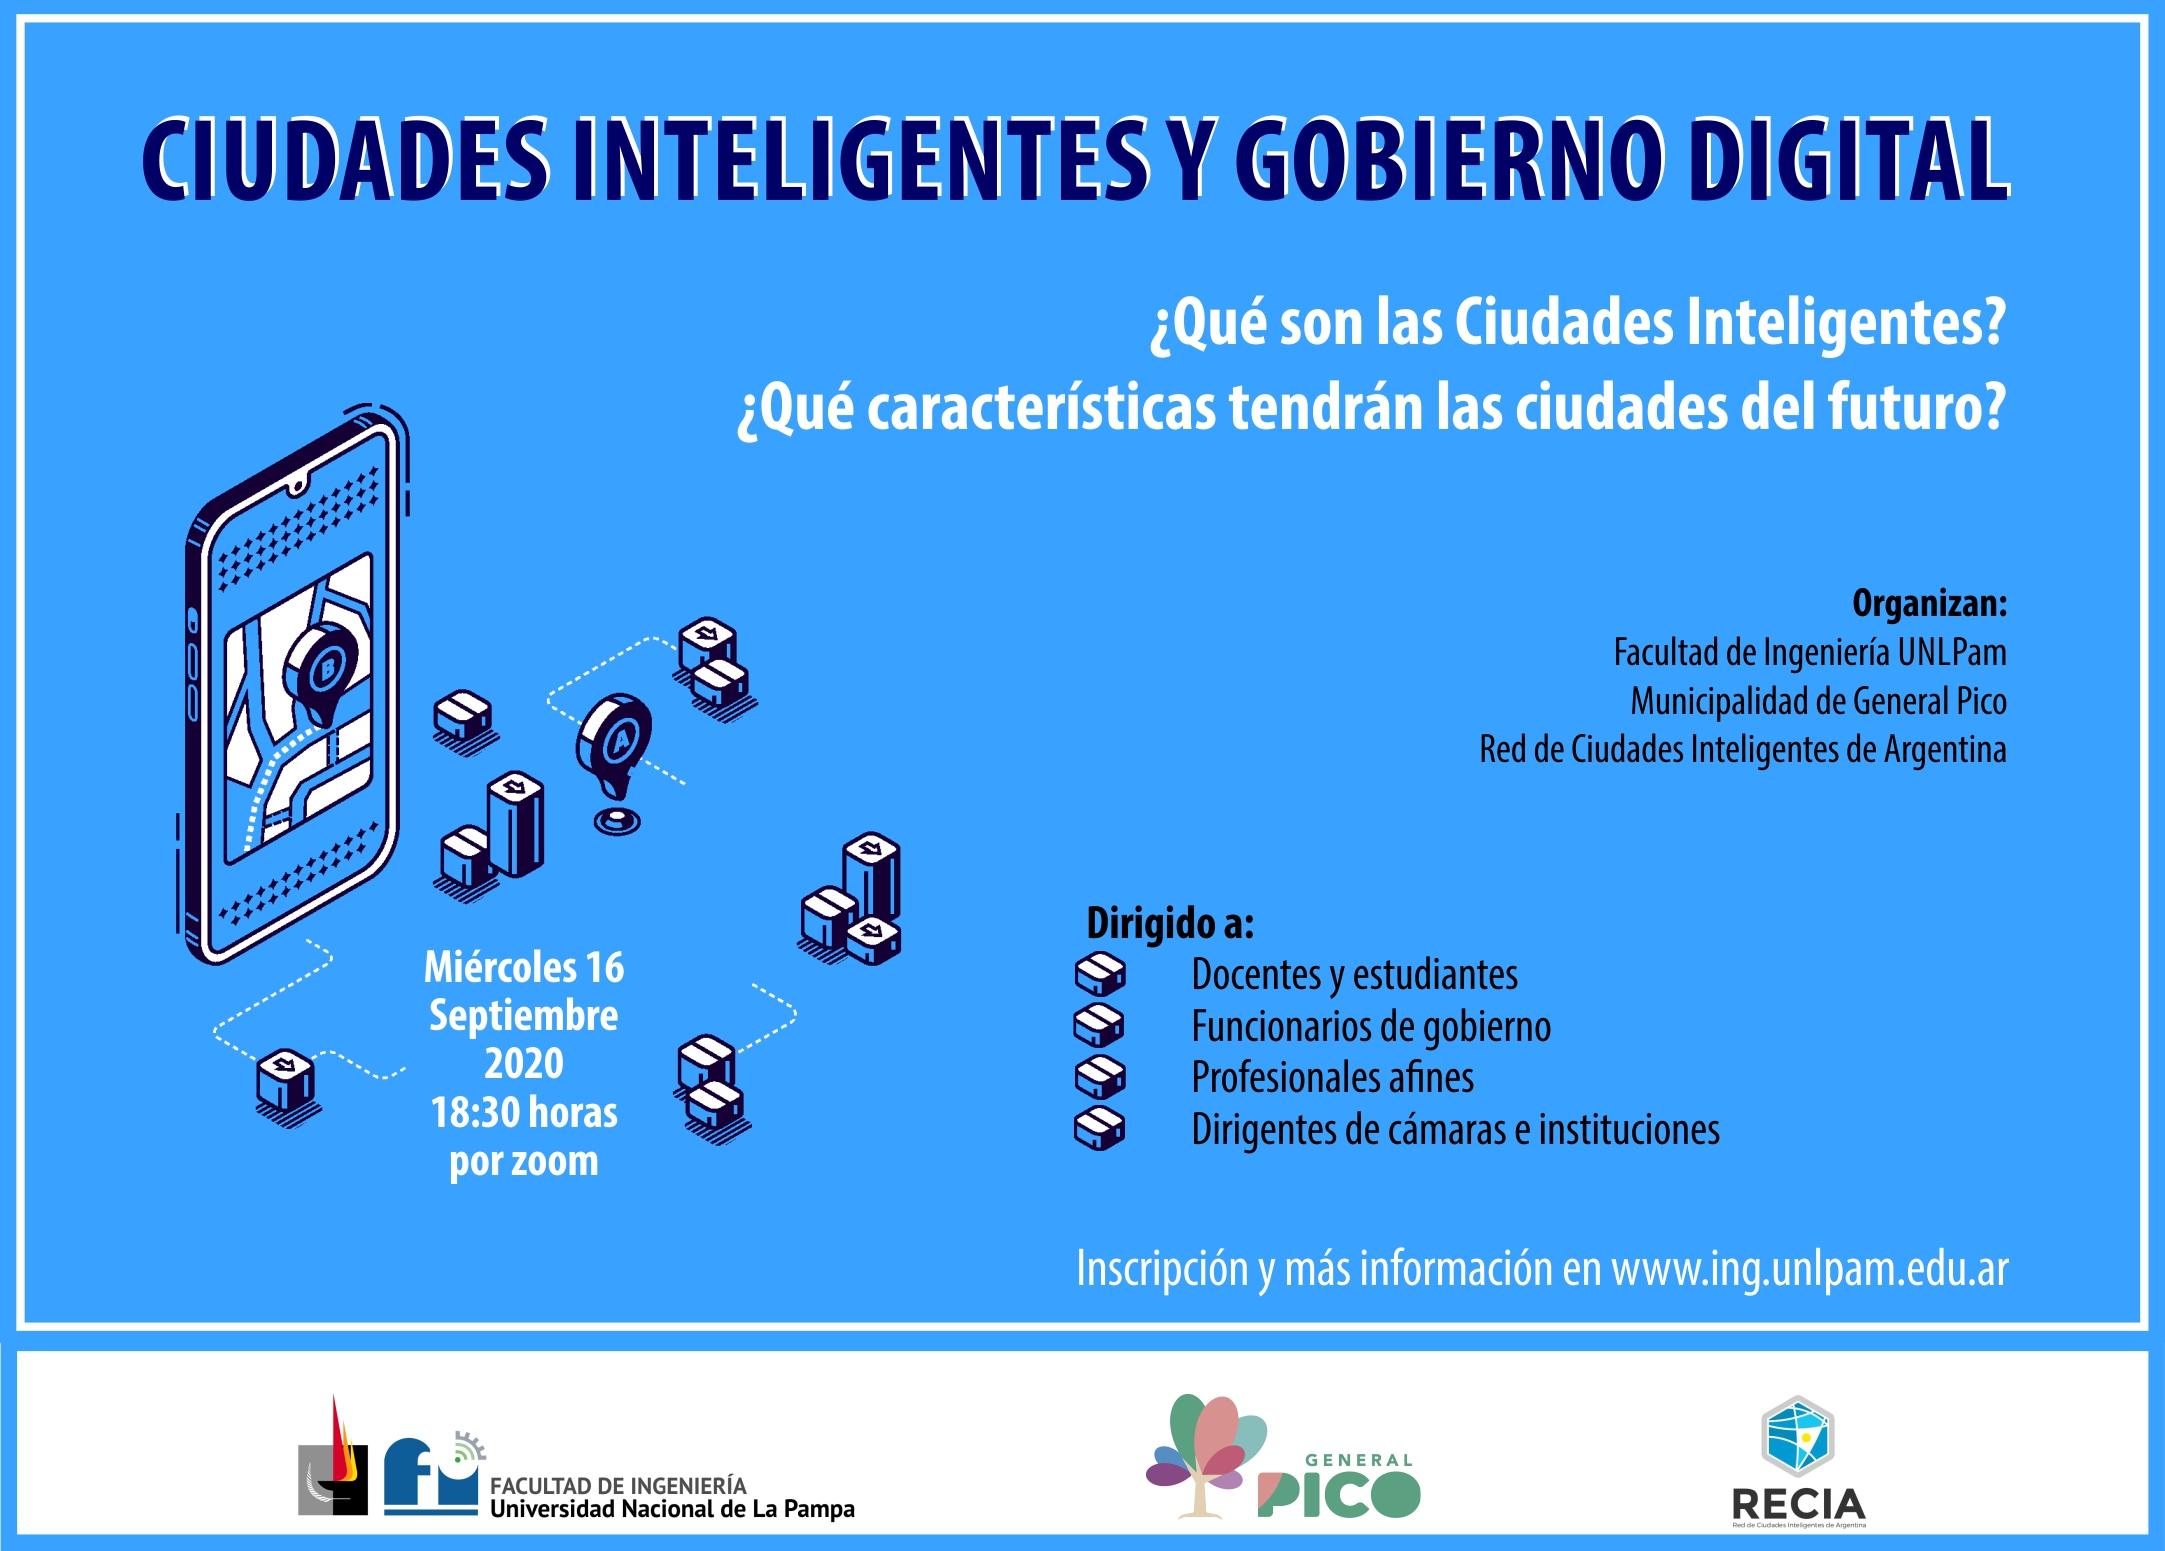 General Pico: hoy se realizará un webinar sobre Ciudades Inteligentes y Gobierno Digital